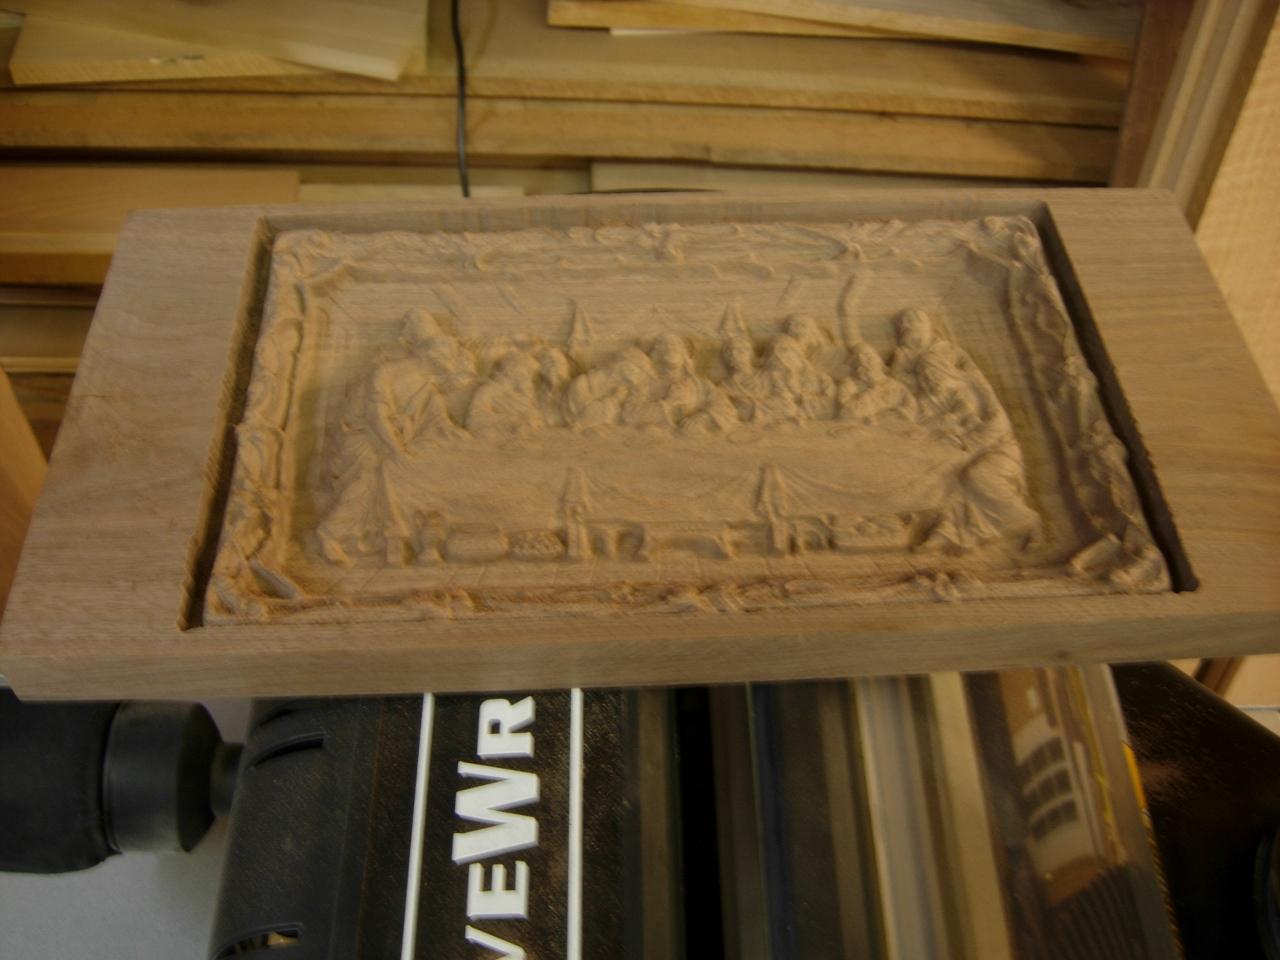 Wooden door c last supper religionfacts